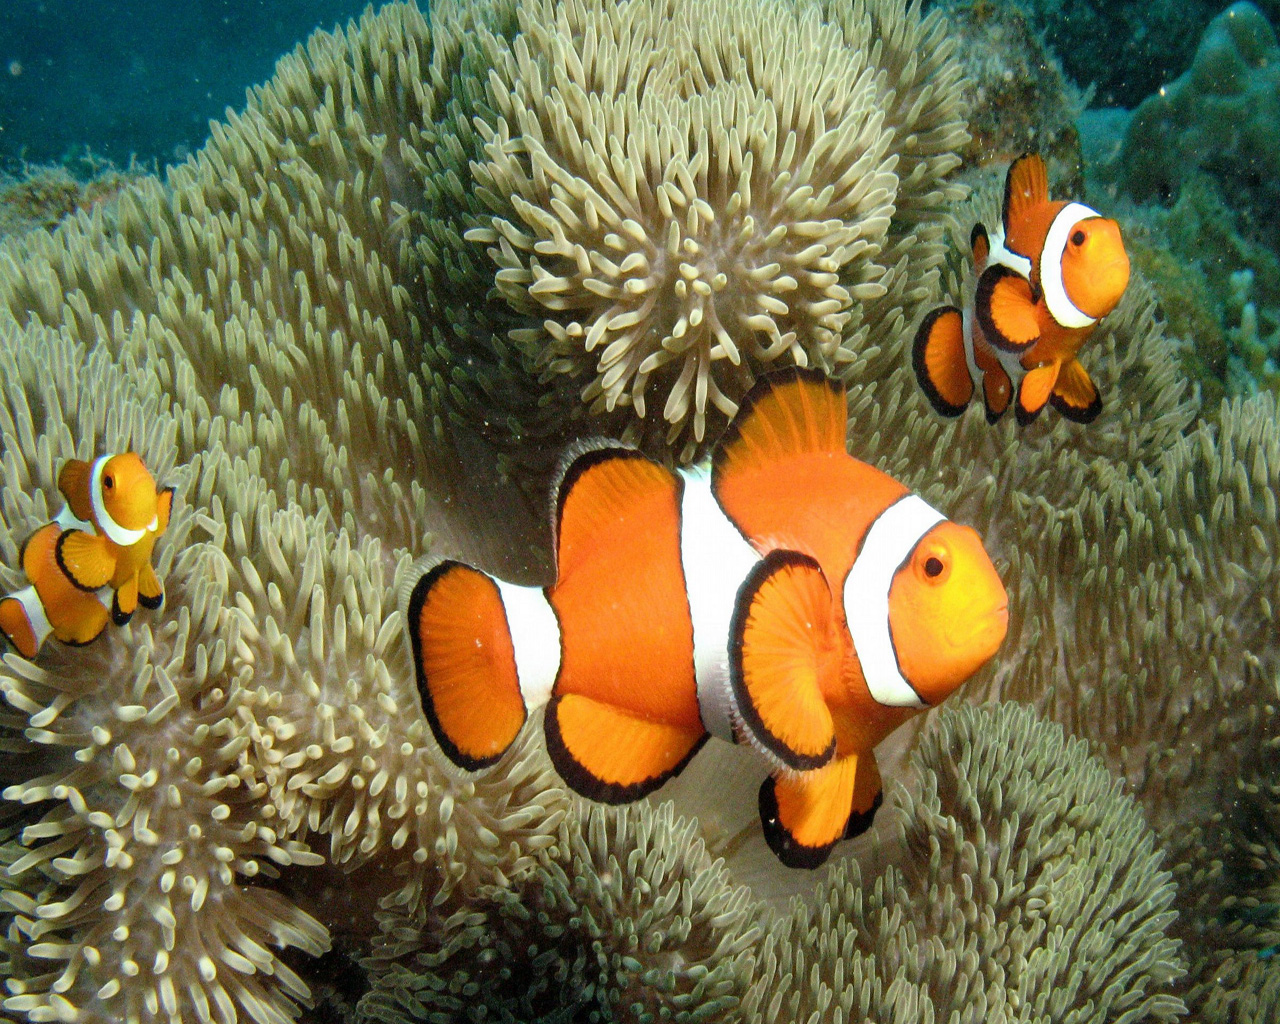 Clown Fish Wallpaper Clown Fish 1488358 Hd Wallpaper